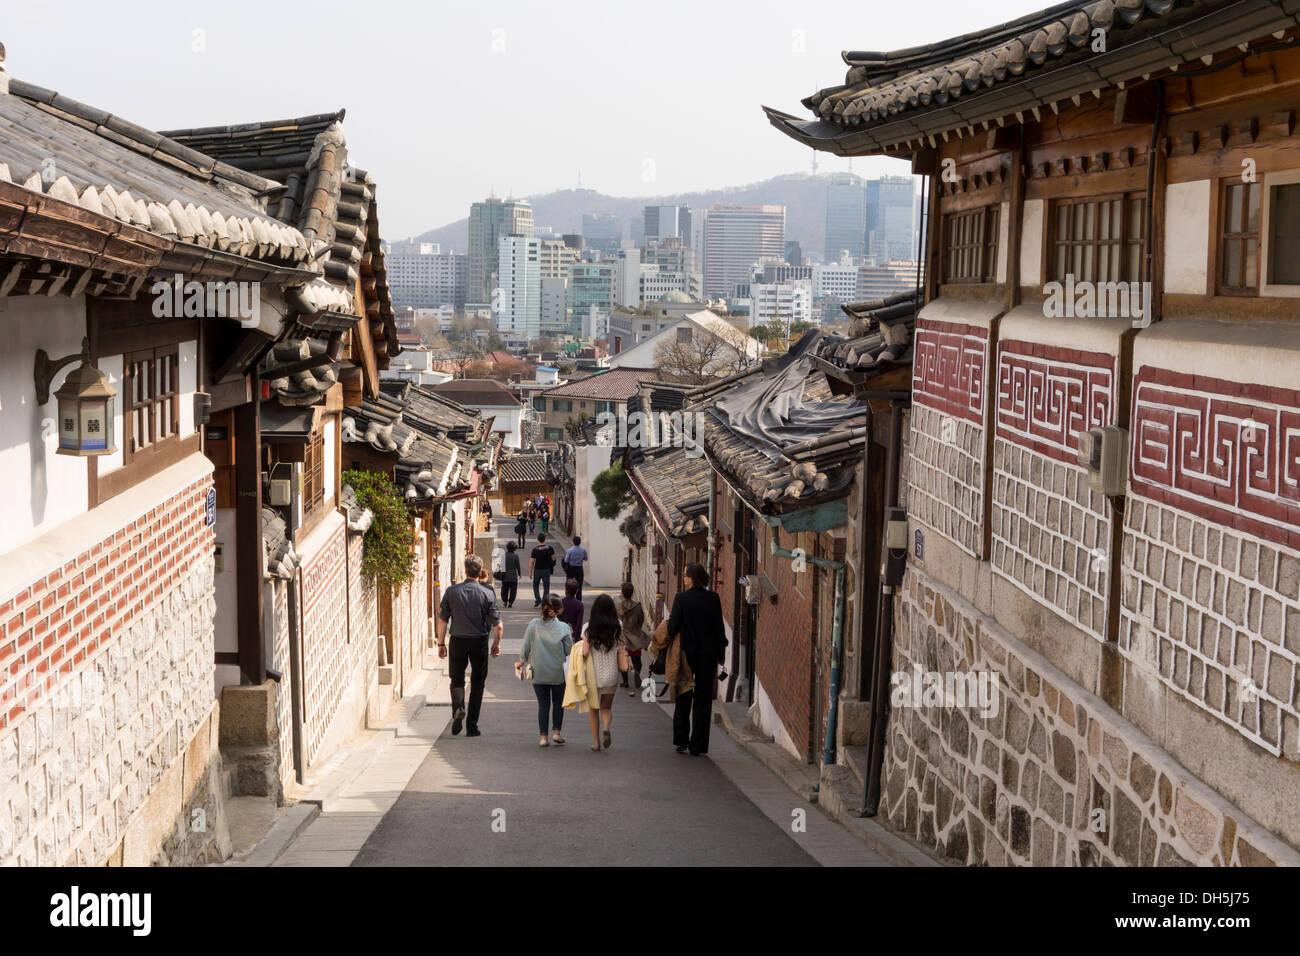 Gegenüberstellung von Architektur. Alte traditionelle koreanische ...